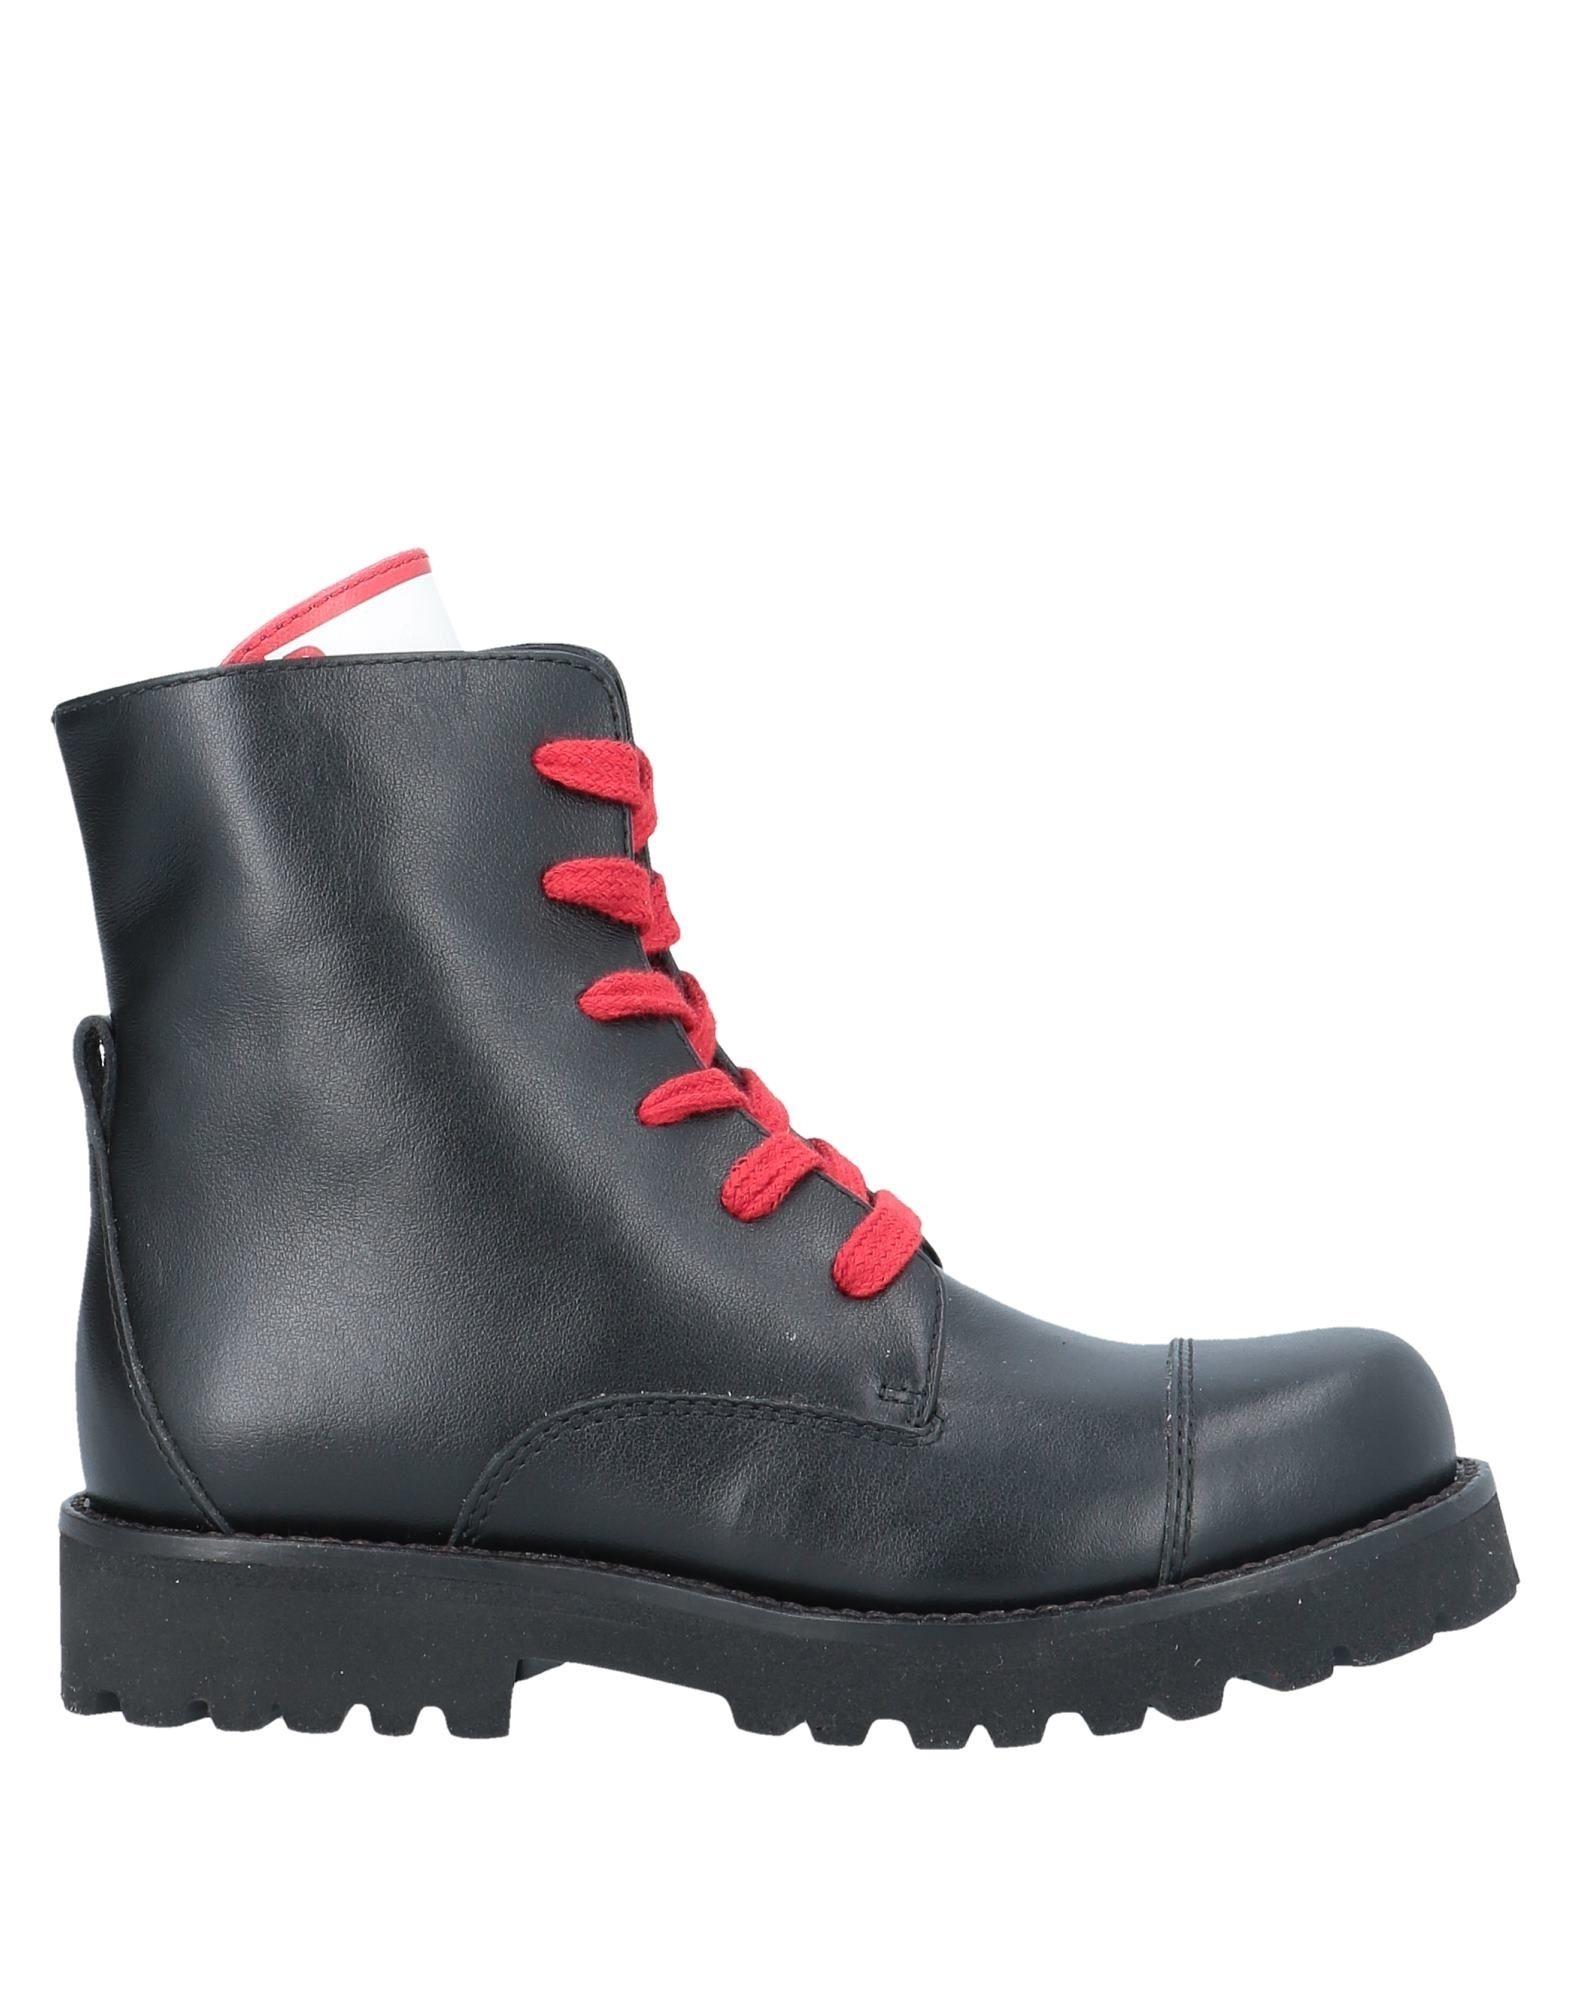 DOLCE & GABBANA   DOLCE & GABBANA Ankle Boots 11719820   Goxip